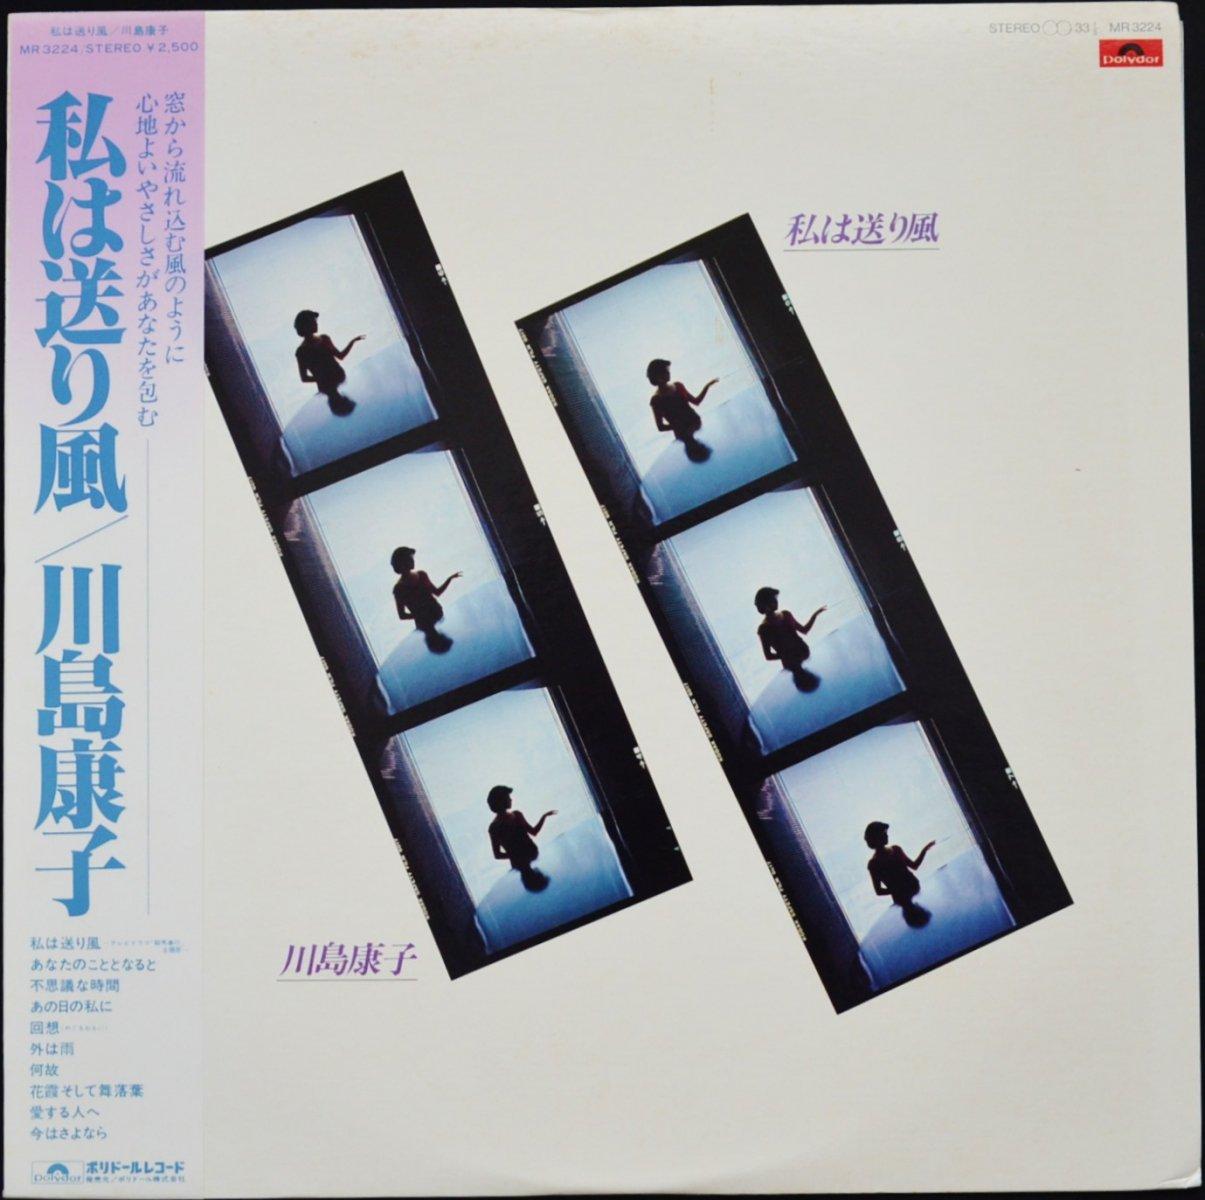 川島康子 YASUKO KAWASHIMA / 私は送り風 (LP)